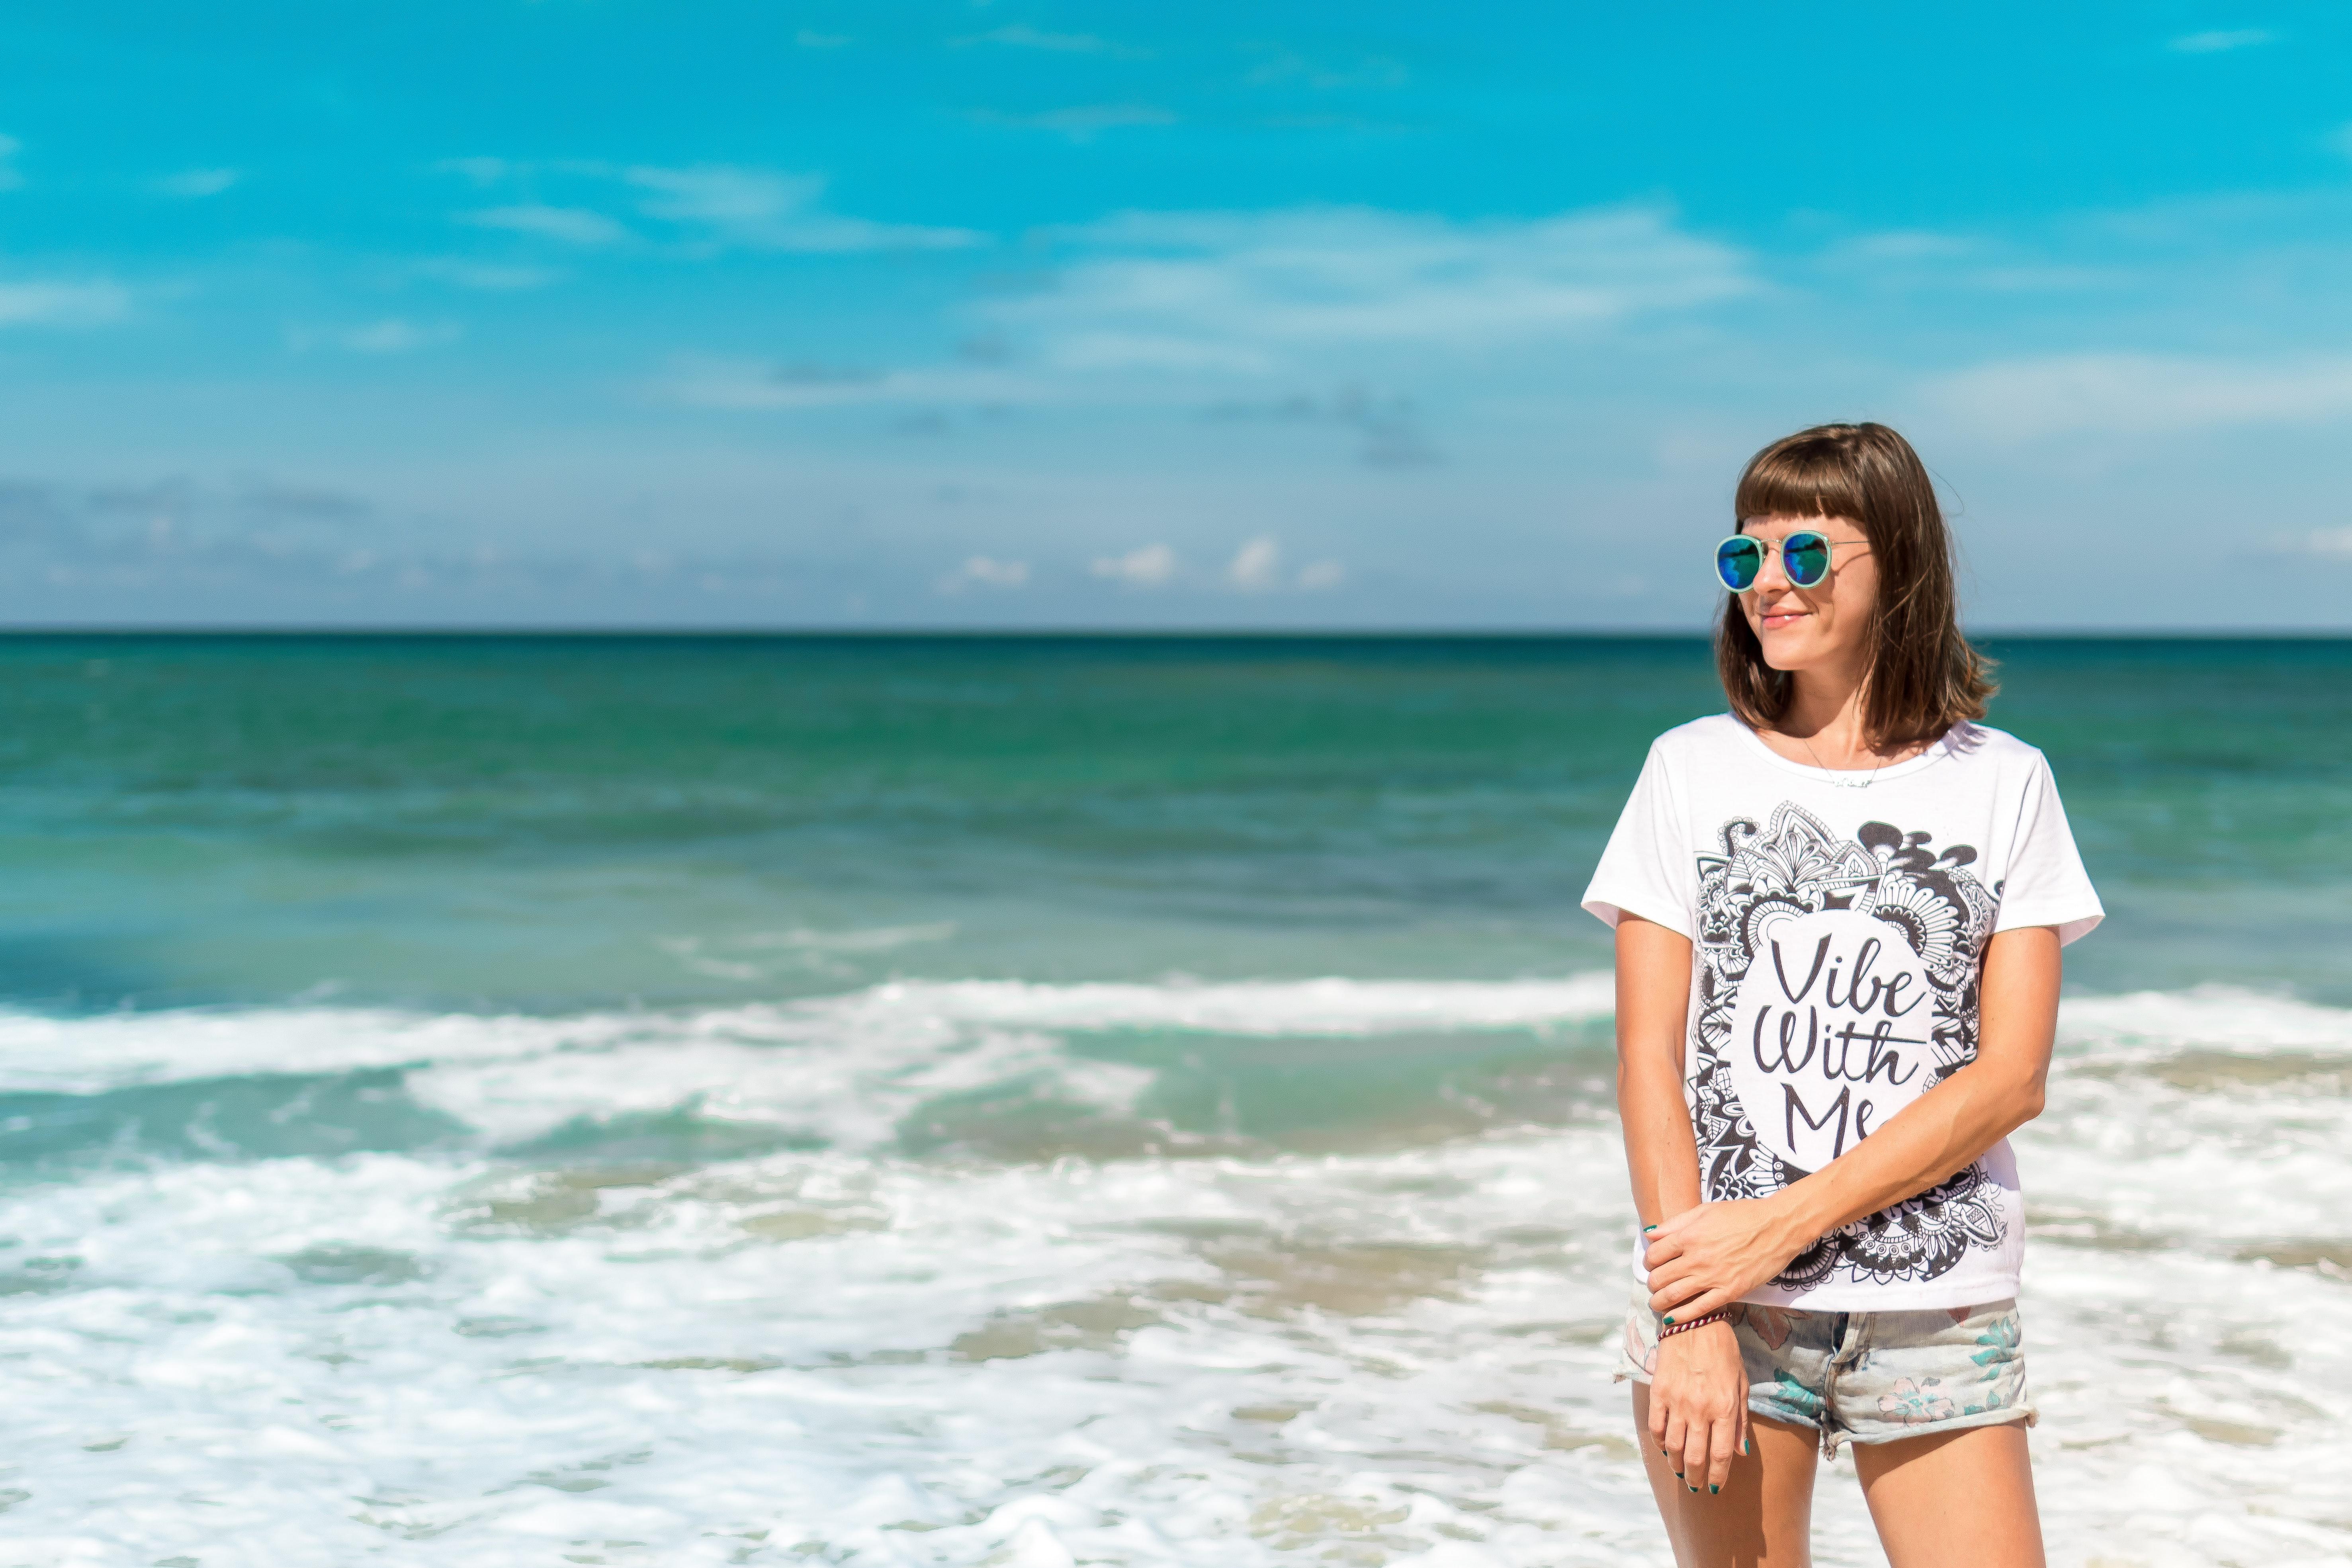 Woman in White Crew-neck Shirt Near Sea Shore, Pretty, Young, Woman, White, HQ Photo